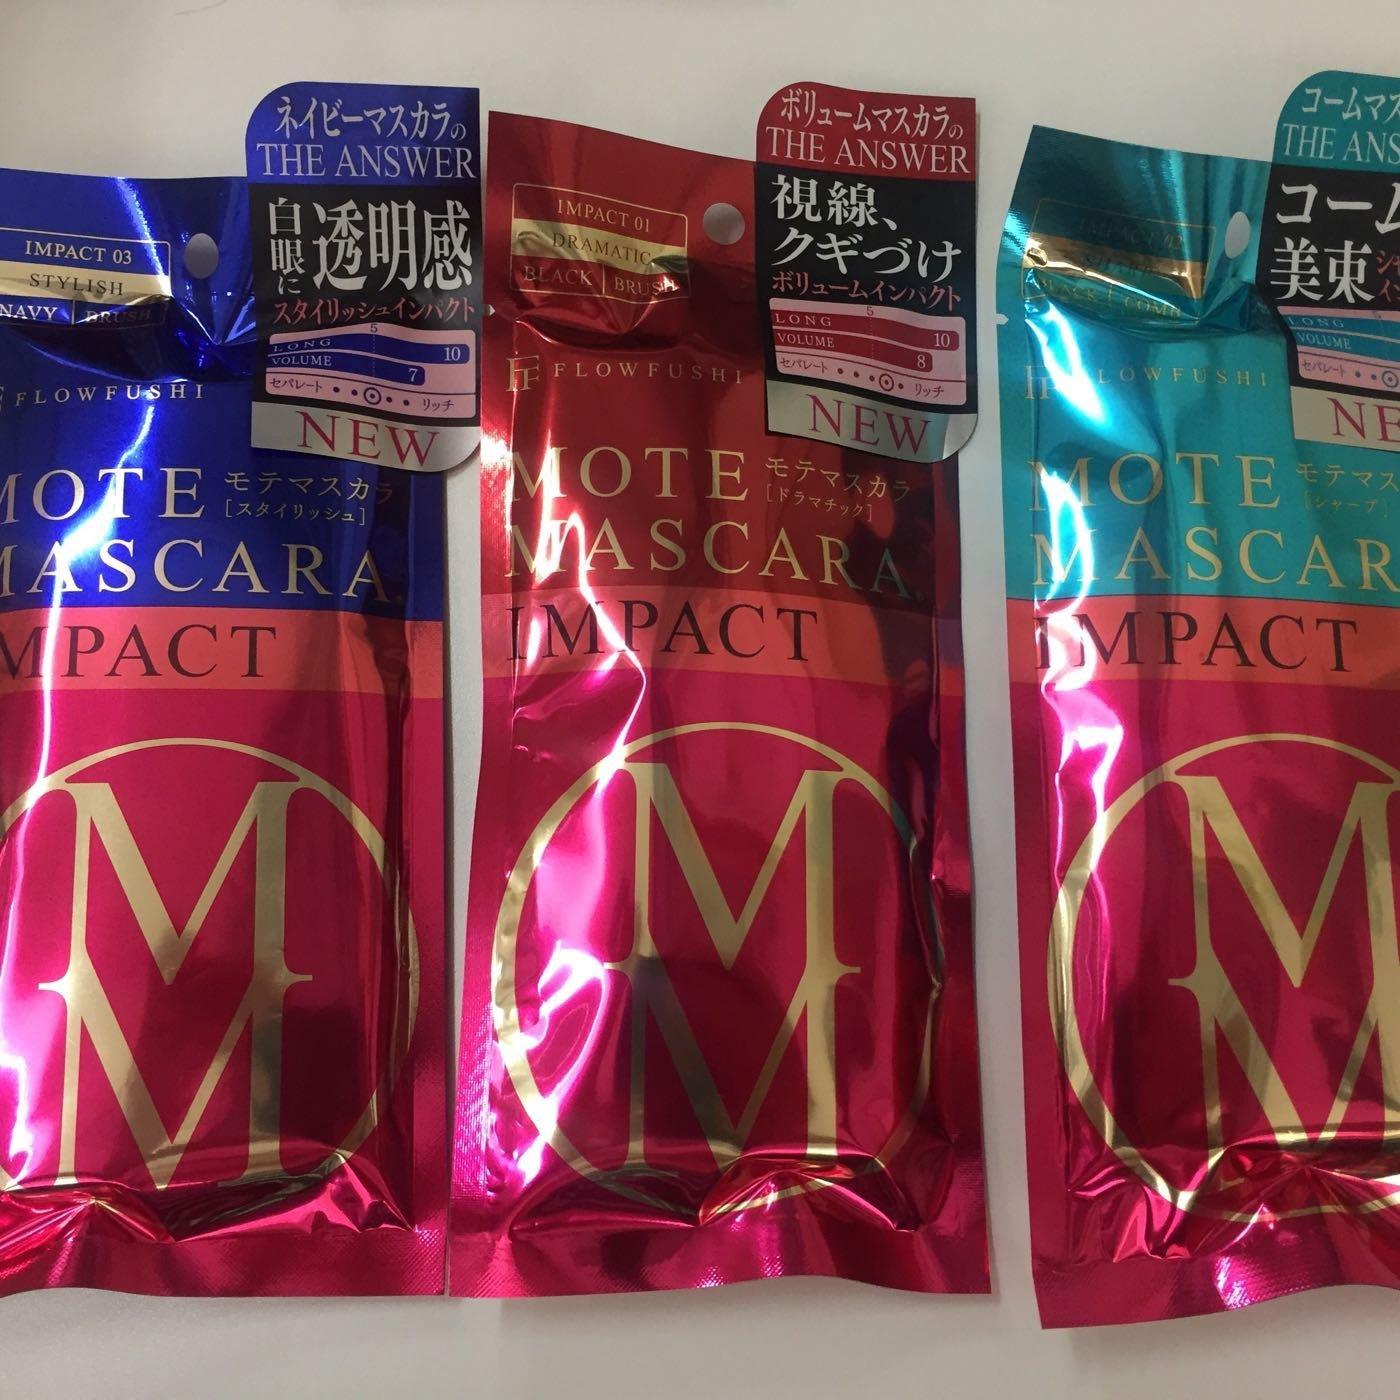 2e51c8e9e7f 日本版日本製FLOWFUSHI MOTE MASCARA Impact-Yahoo香港拍賣